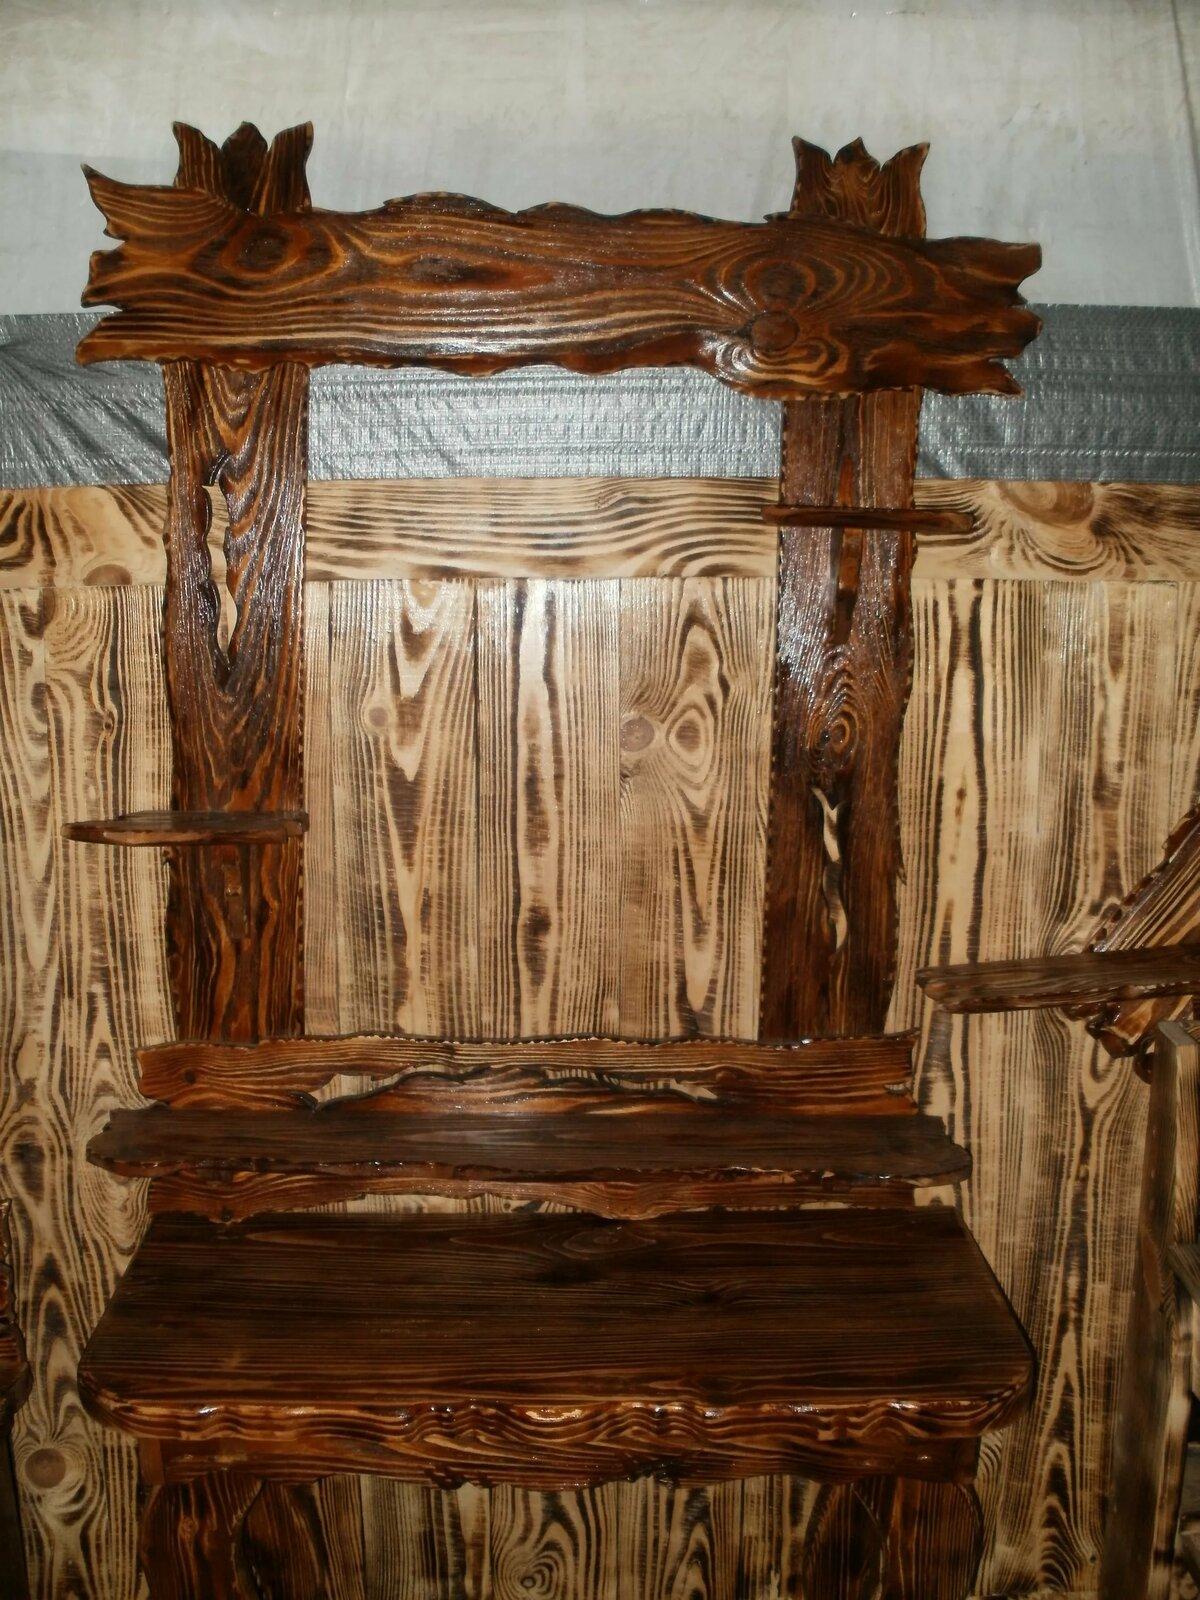 разработке эксклюзивные изделия из дерева под старину фото сандрик выступает над